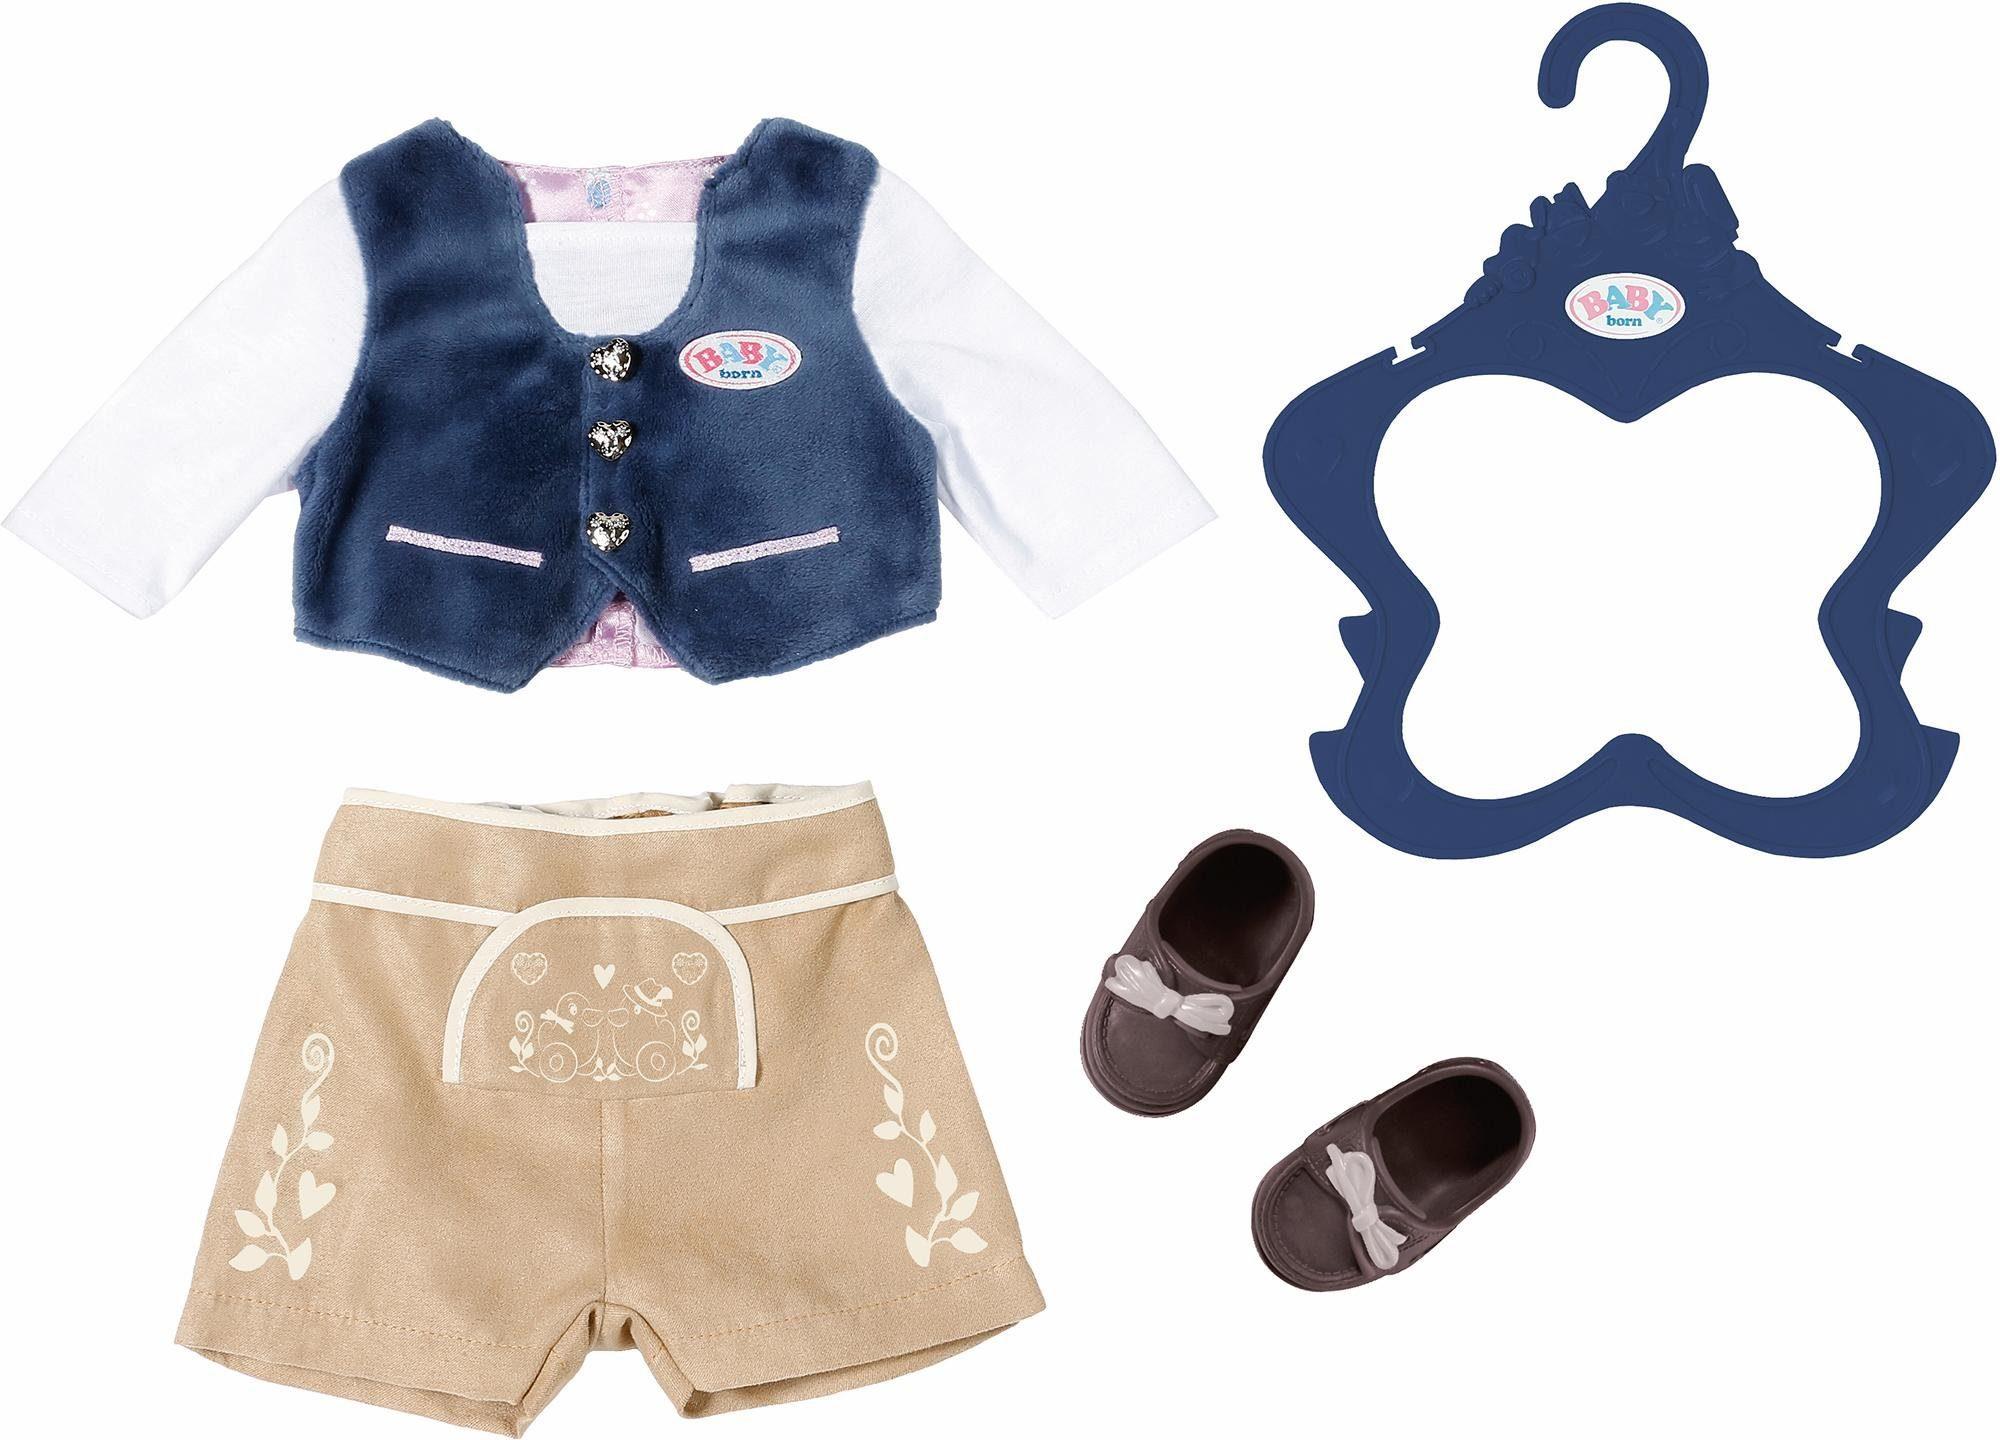 Zapf creation poppenkleding baby born folklore outfit jongen